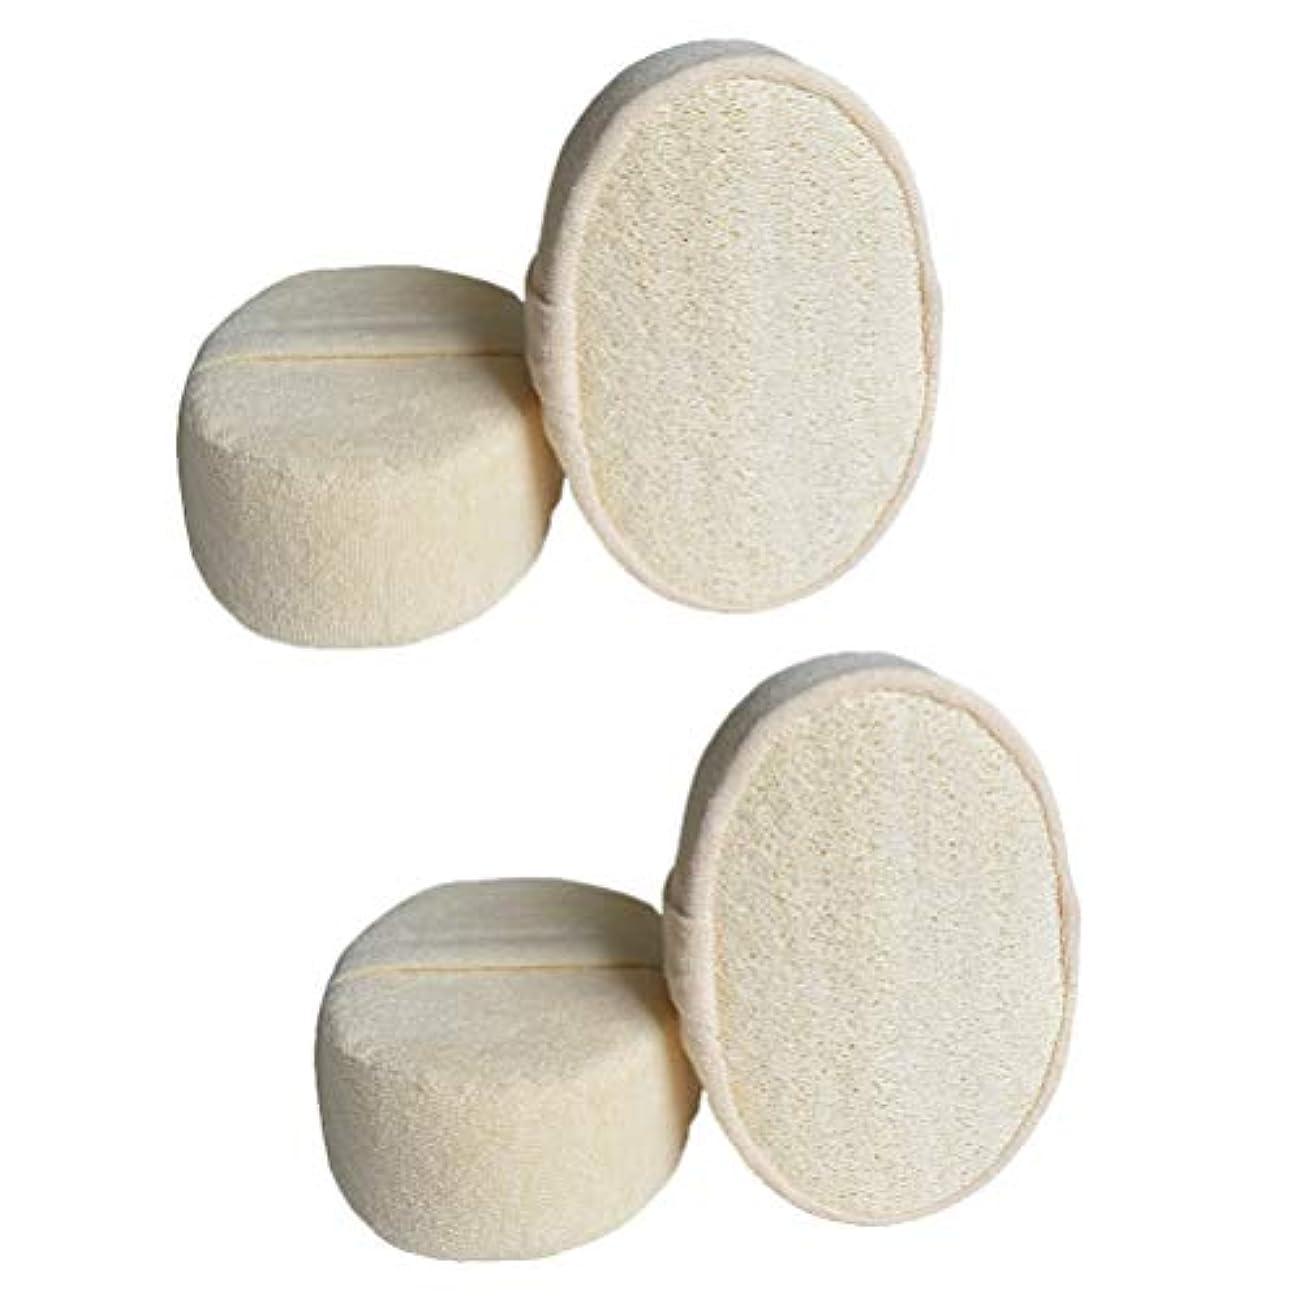 三角形ダニ探すHealifty 4ピース剥離剥離剤パッドloofaスポンジスクラバーブラシ用風呂スパシャワー